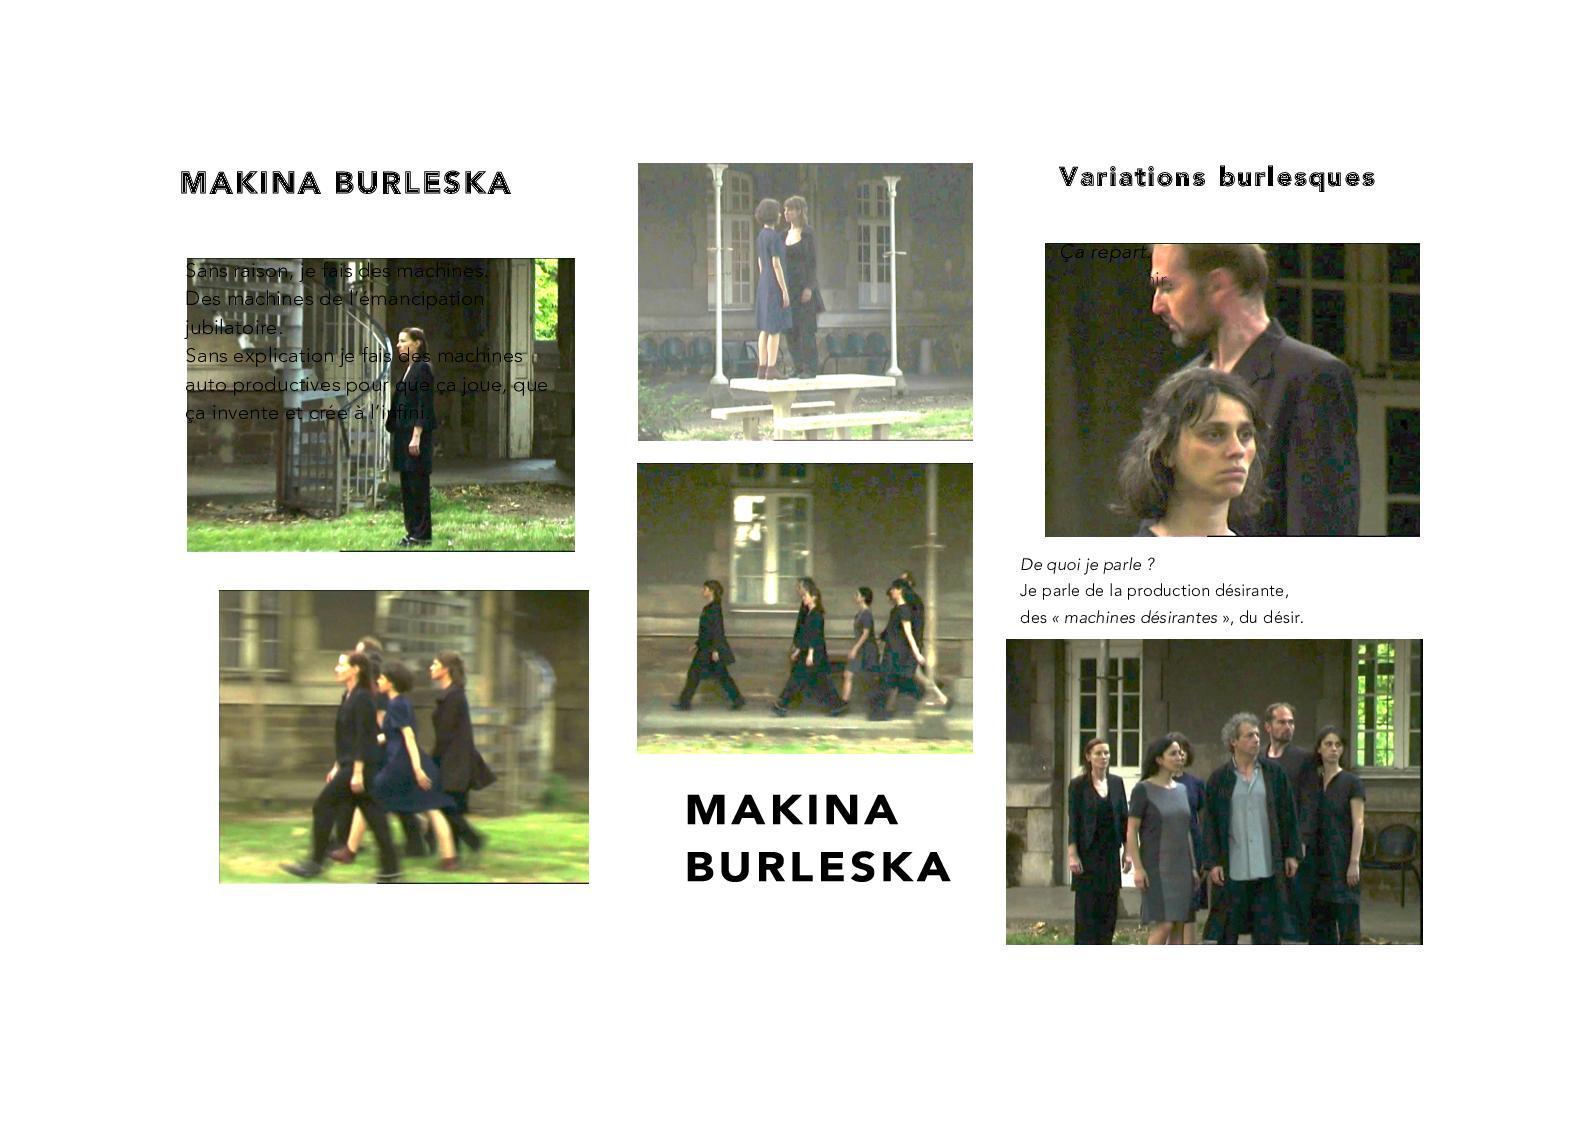 """Résultat de recherche d'images pour """"MAKINA BURLESKA Machine joyeuse"""""""